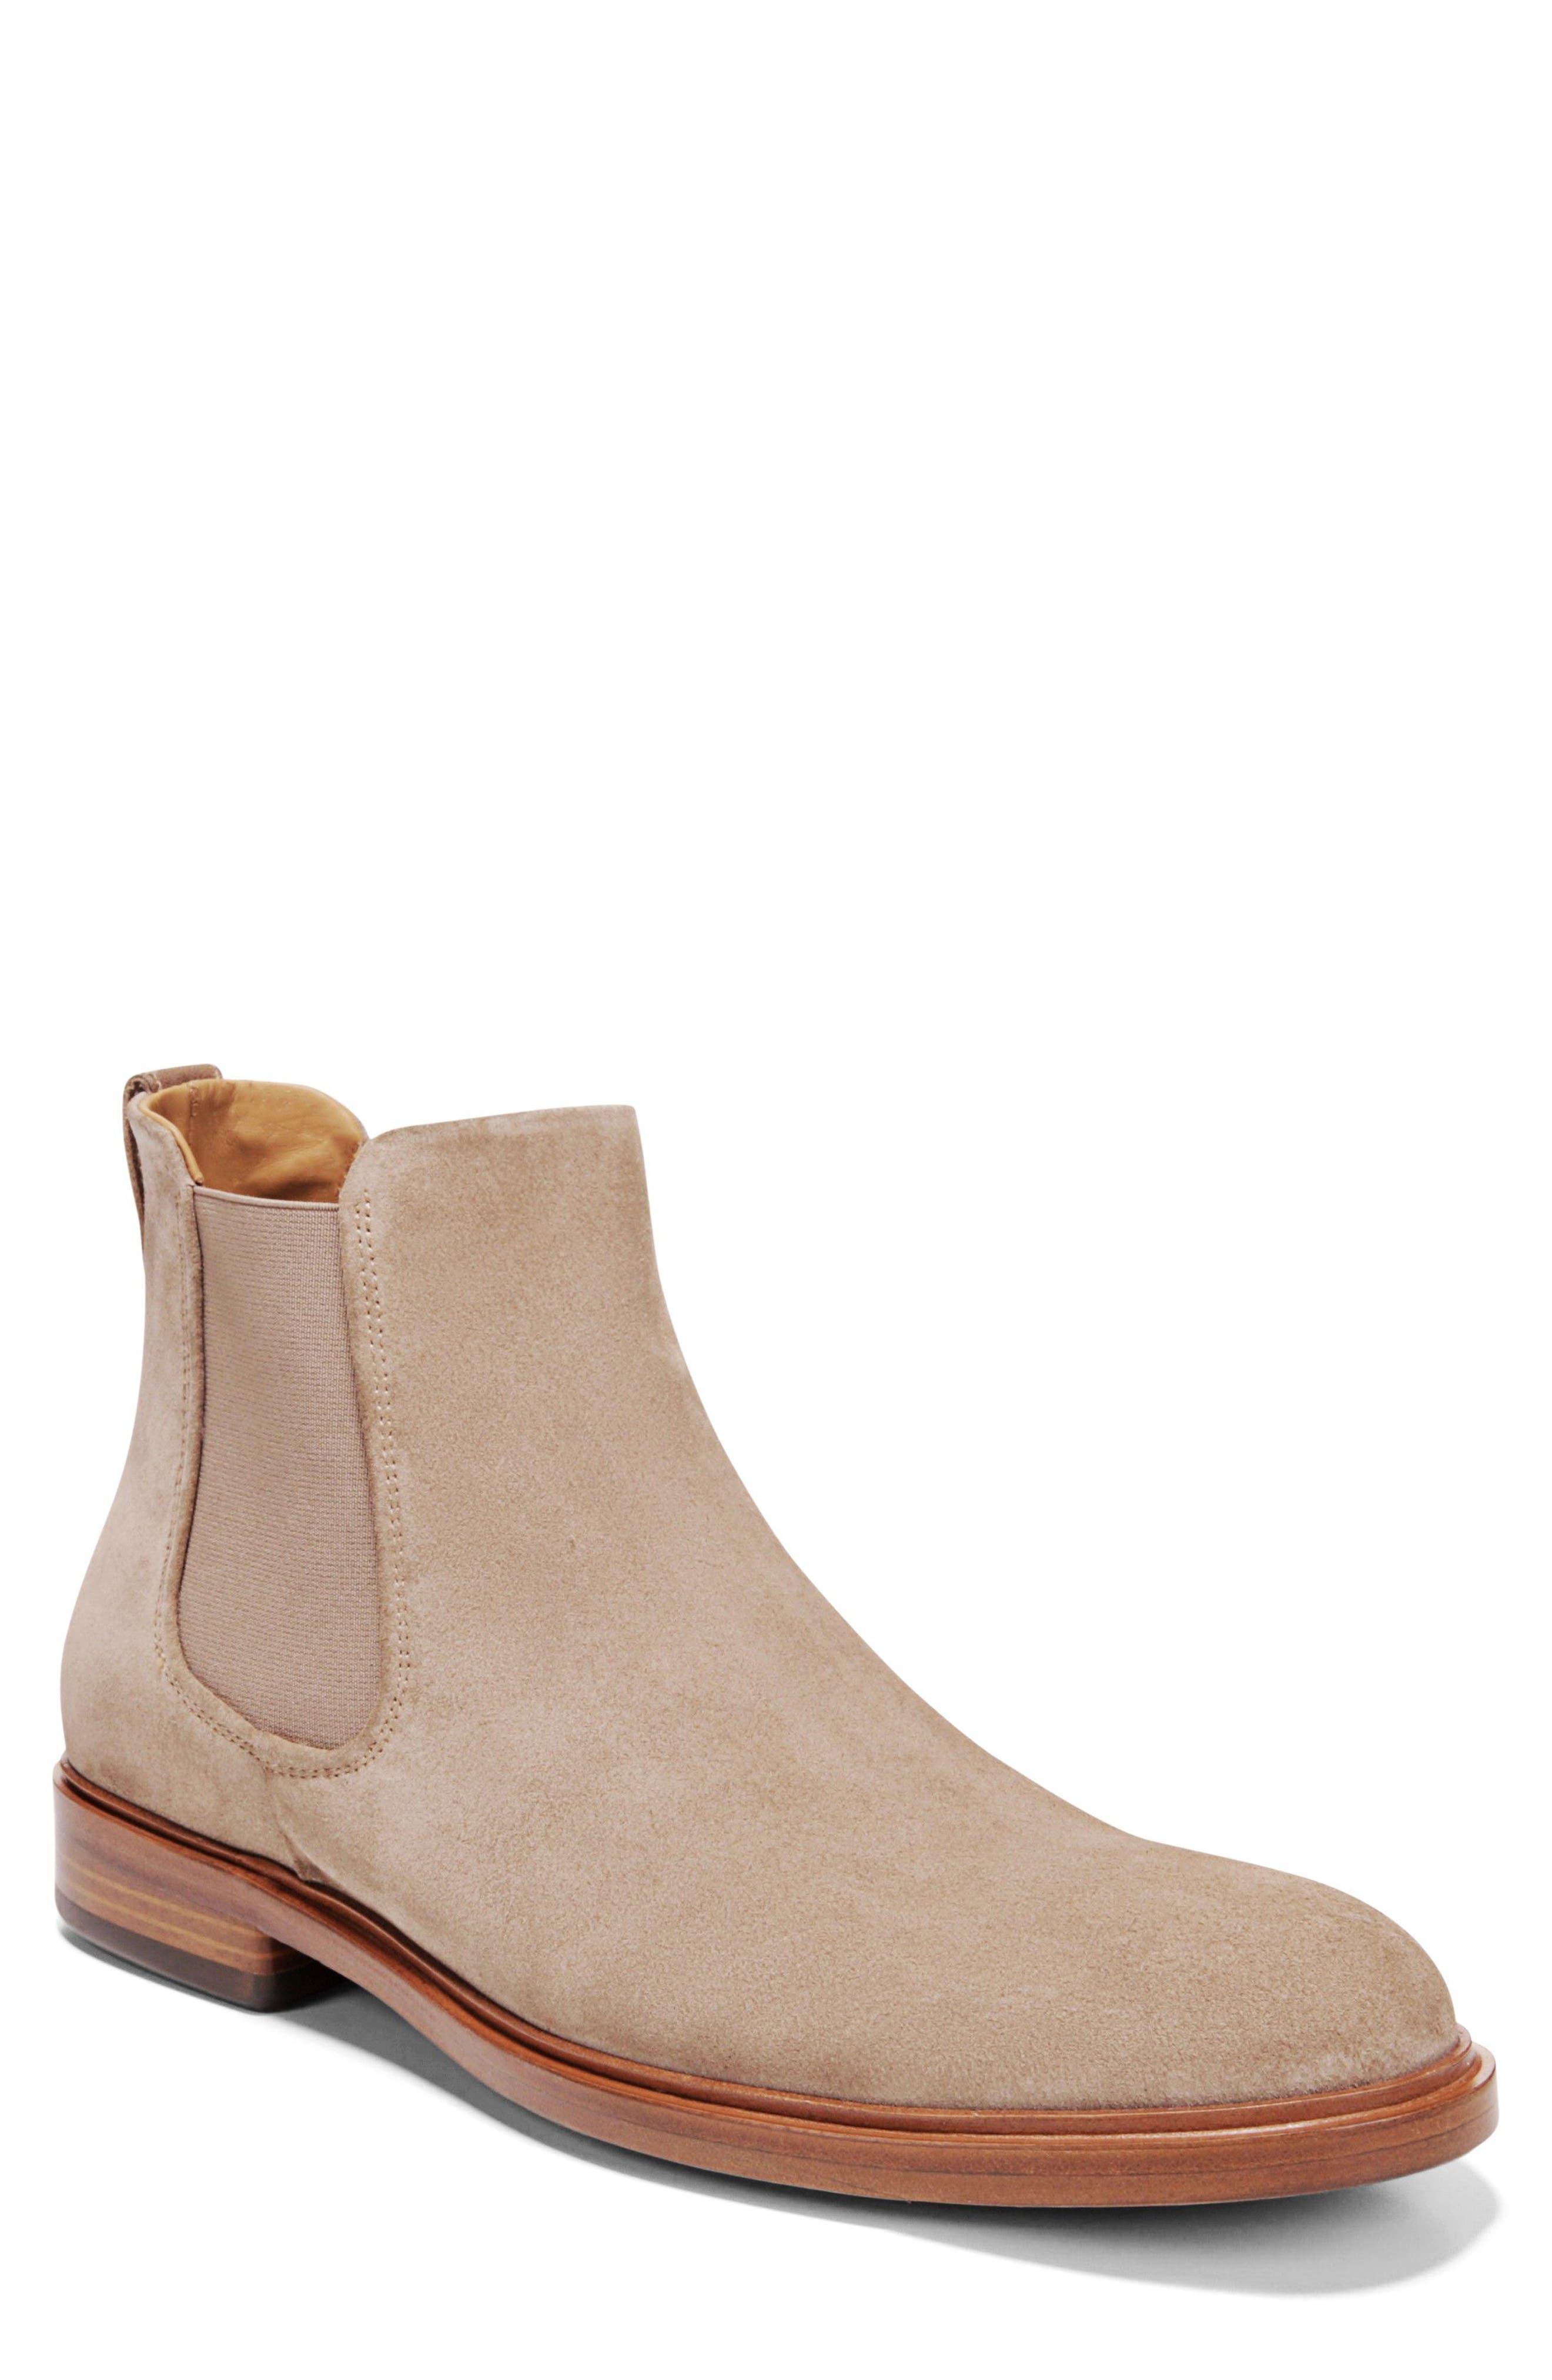 Burroughs Chelsea Boot,                         Main,                         color, Flint